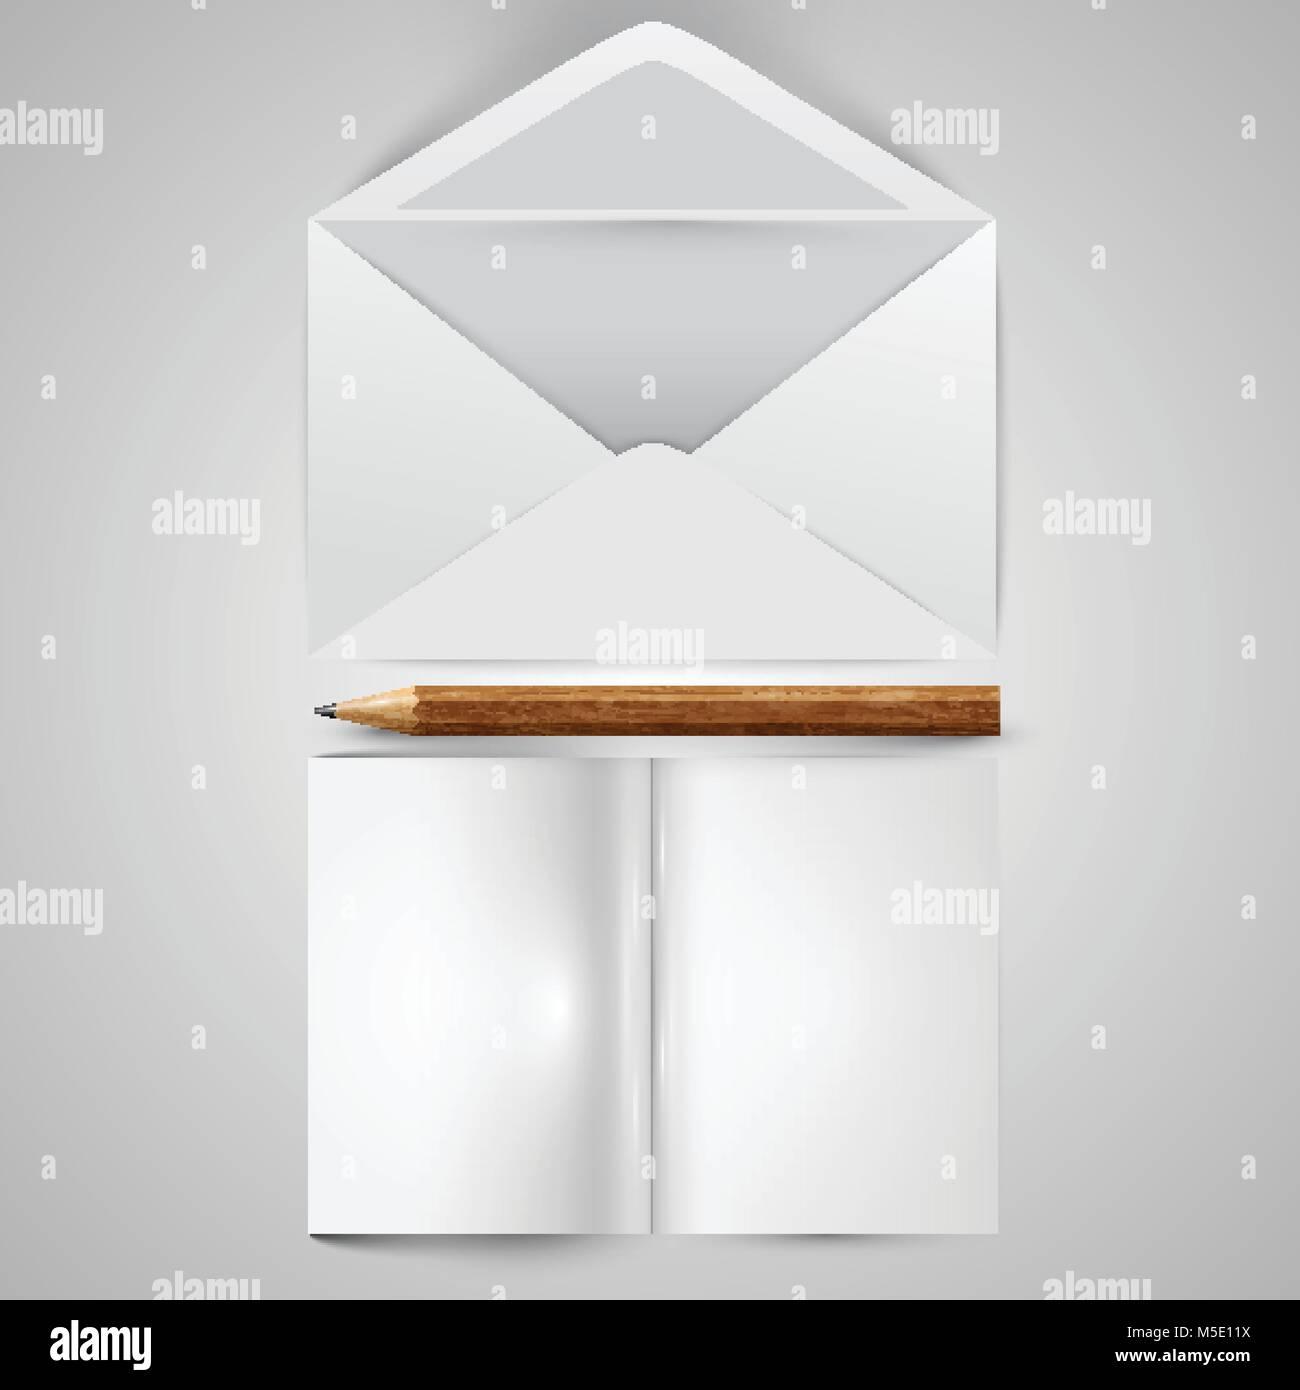 Groß Umschlag Vorlagengröße Ideen - Beispiel Anschreiben für ...